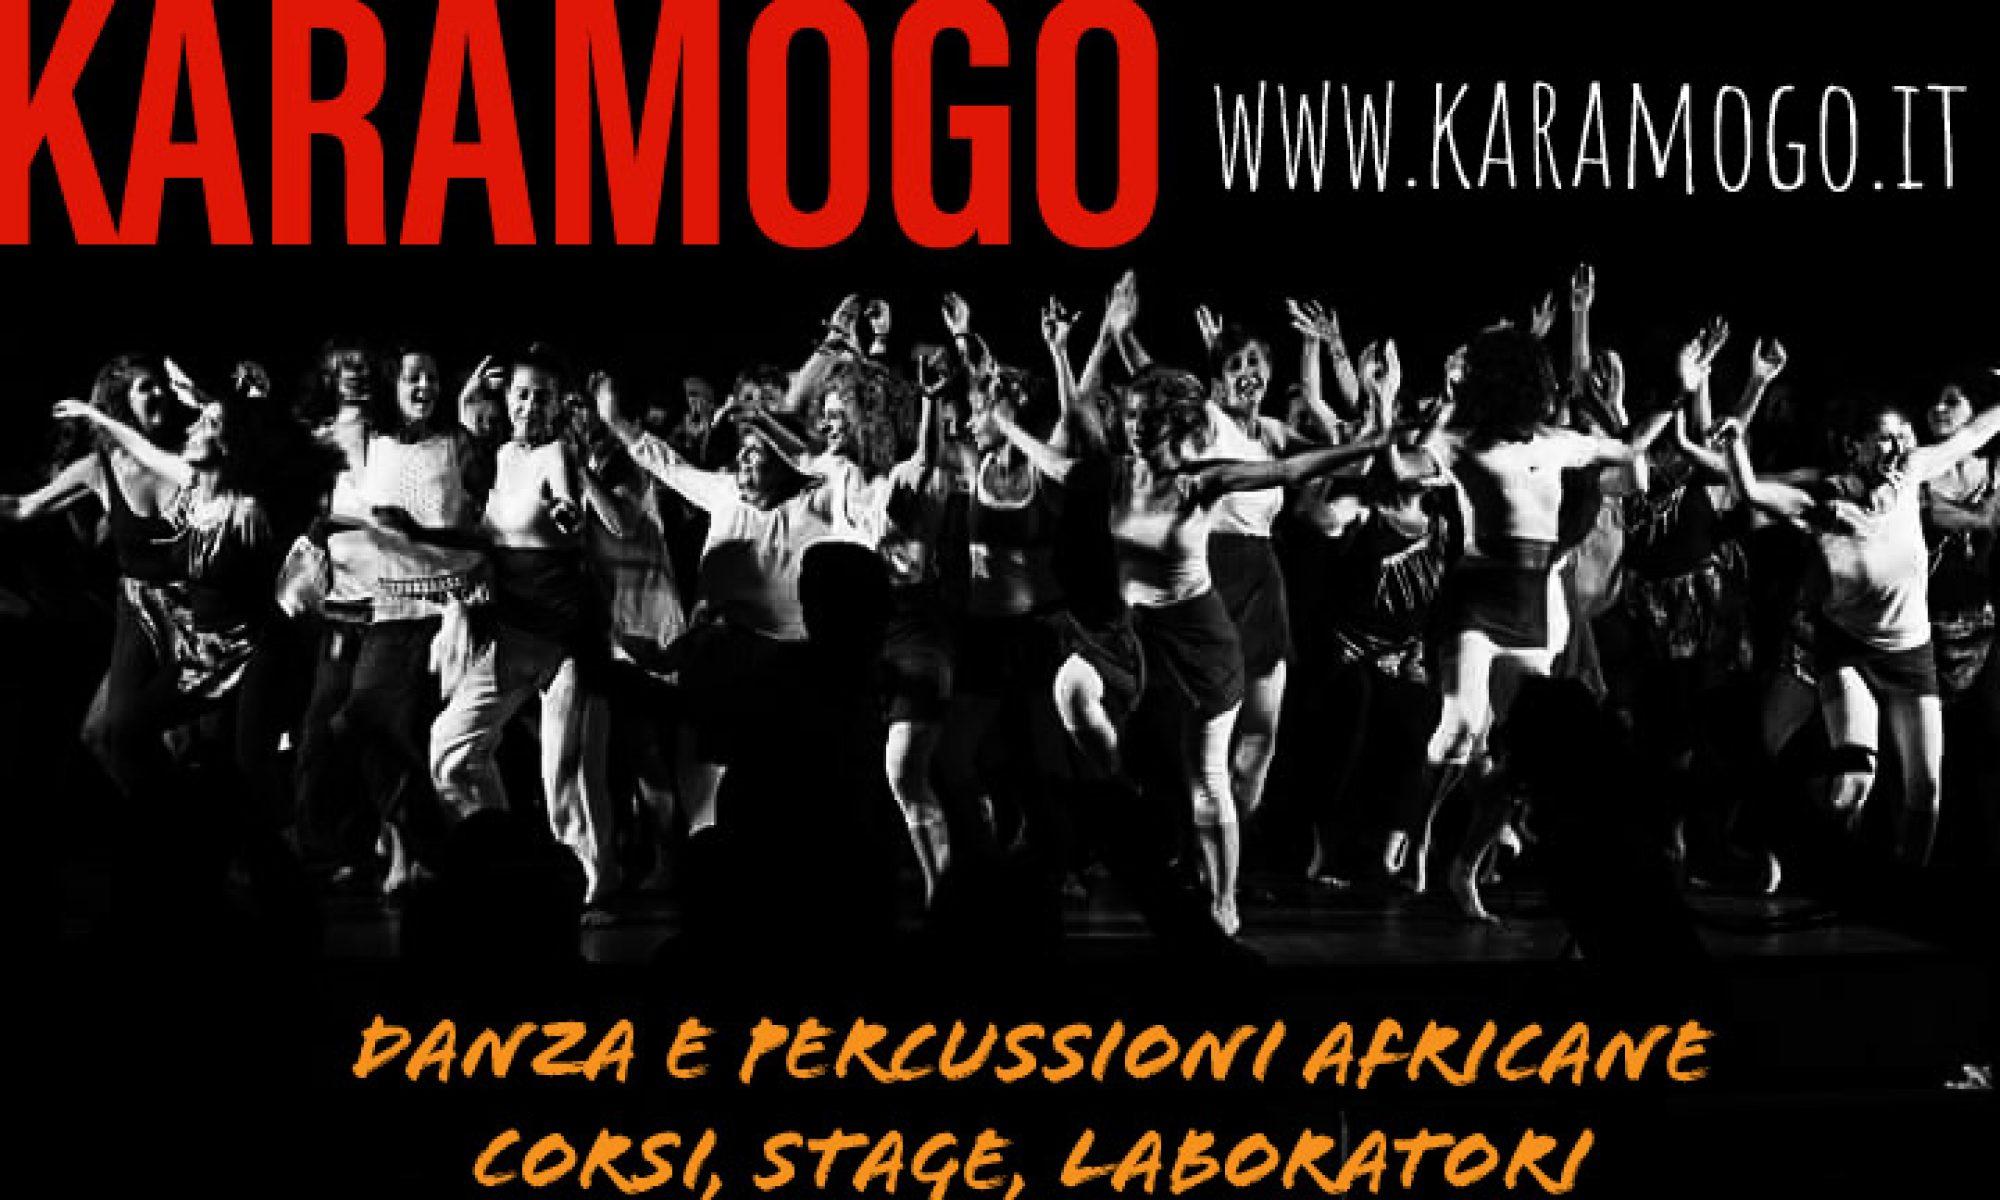 Karamogo